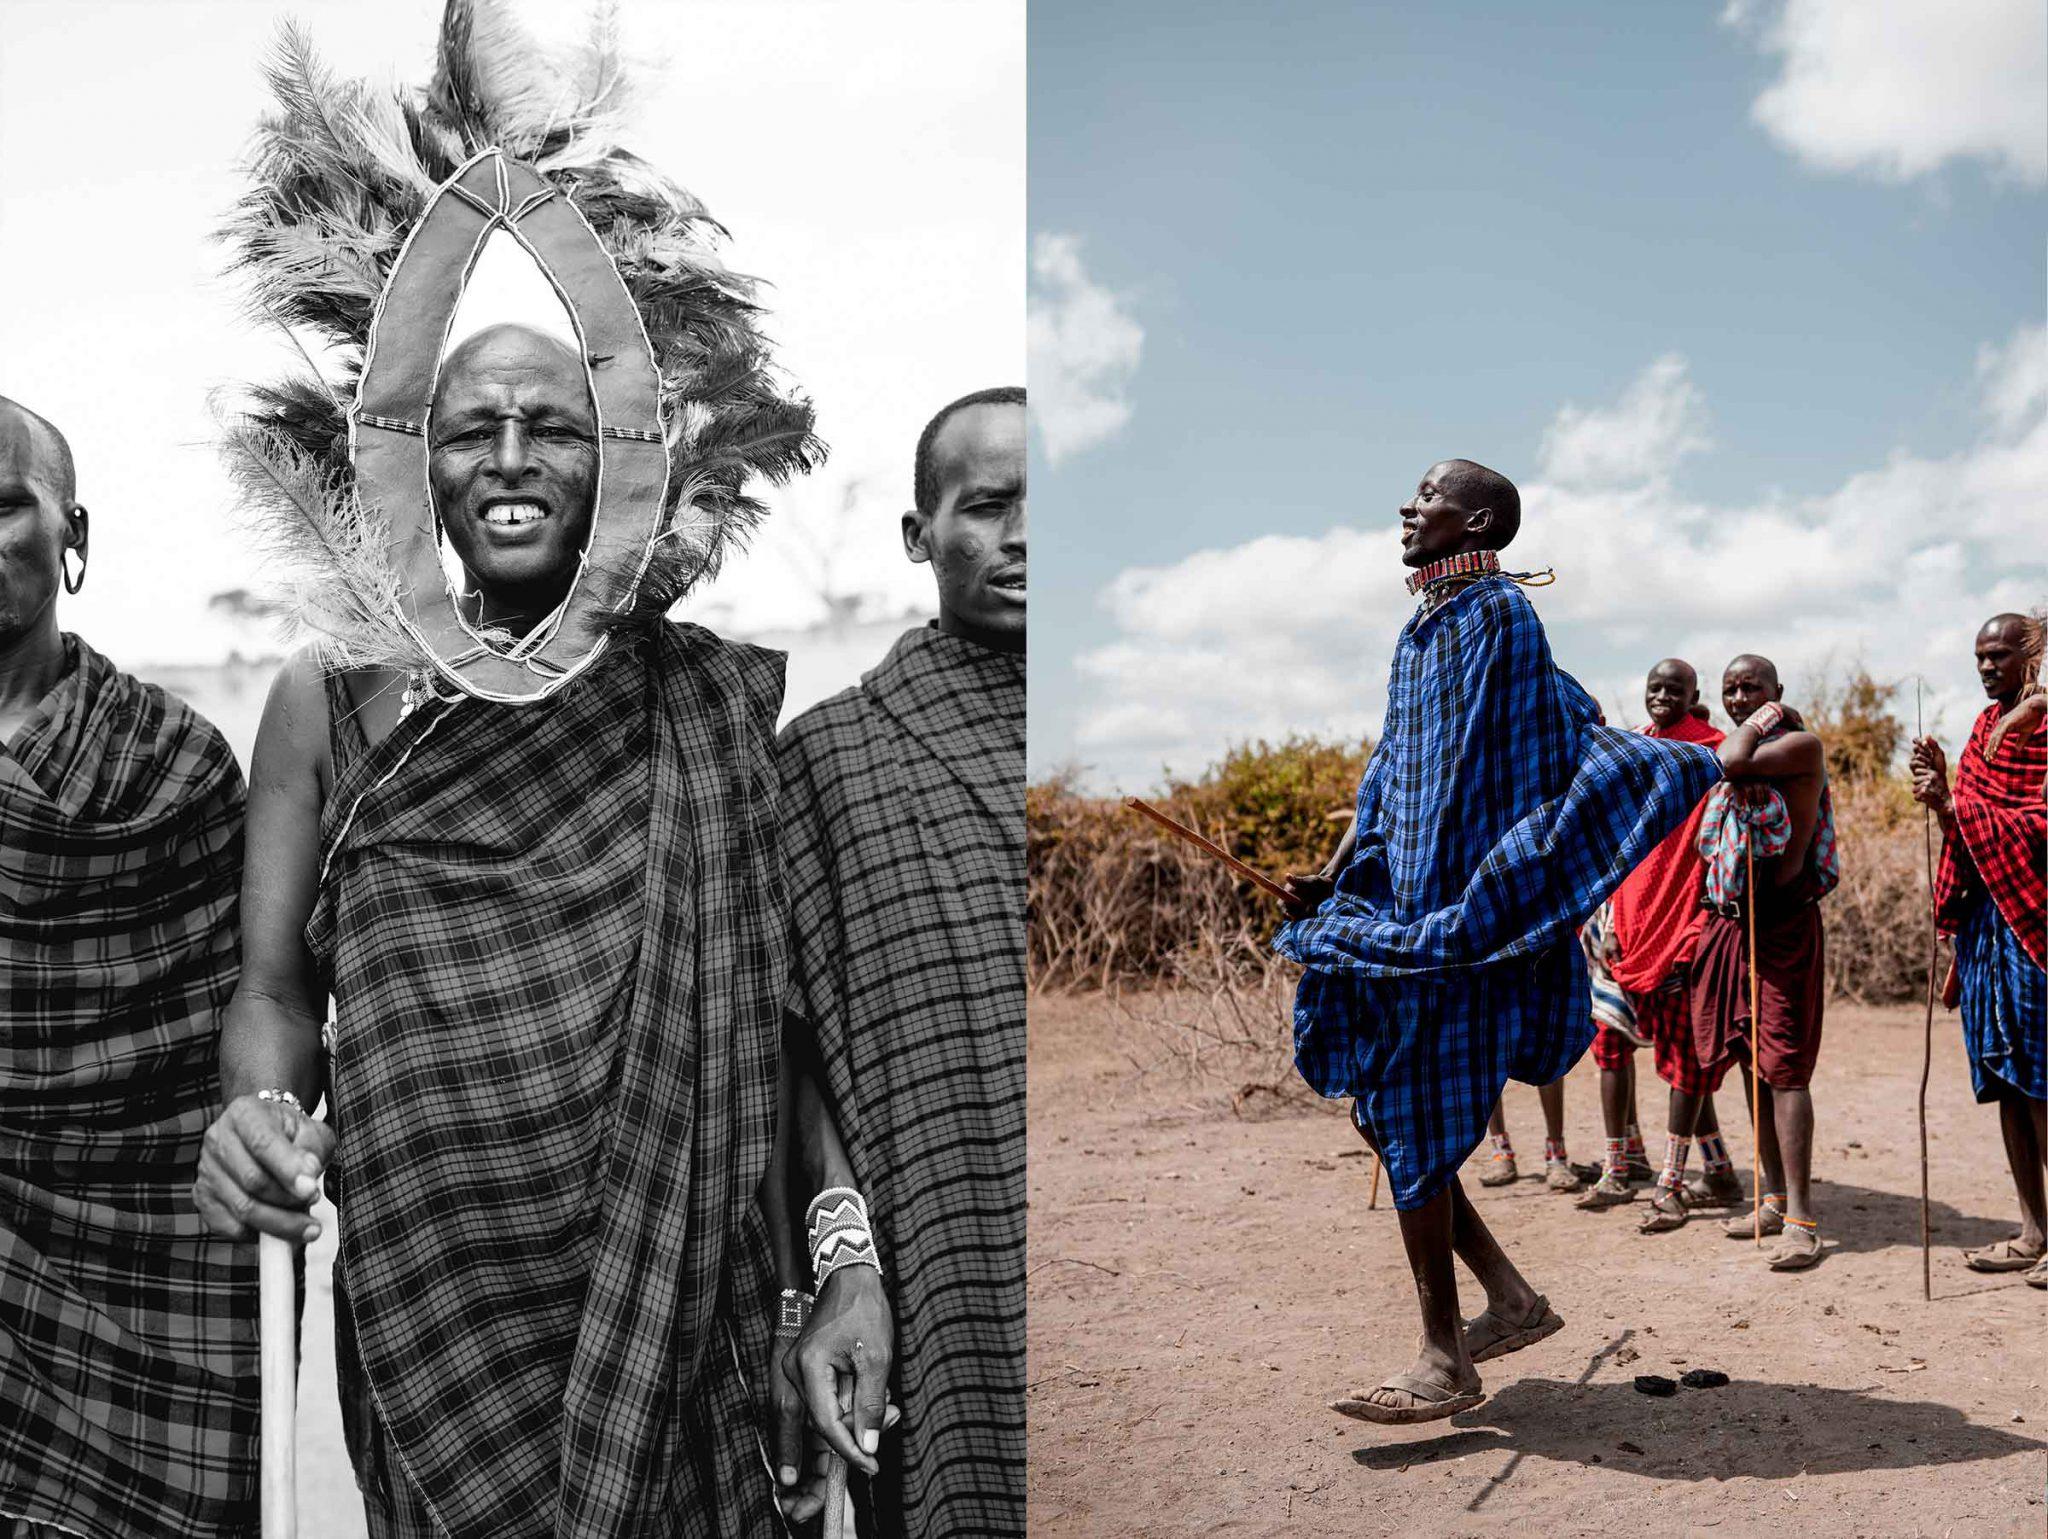 Ilsoo_van_Dijk_Ilsoovandijk_Kenya_The_Raindance_Project_2019_2